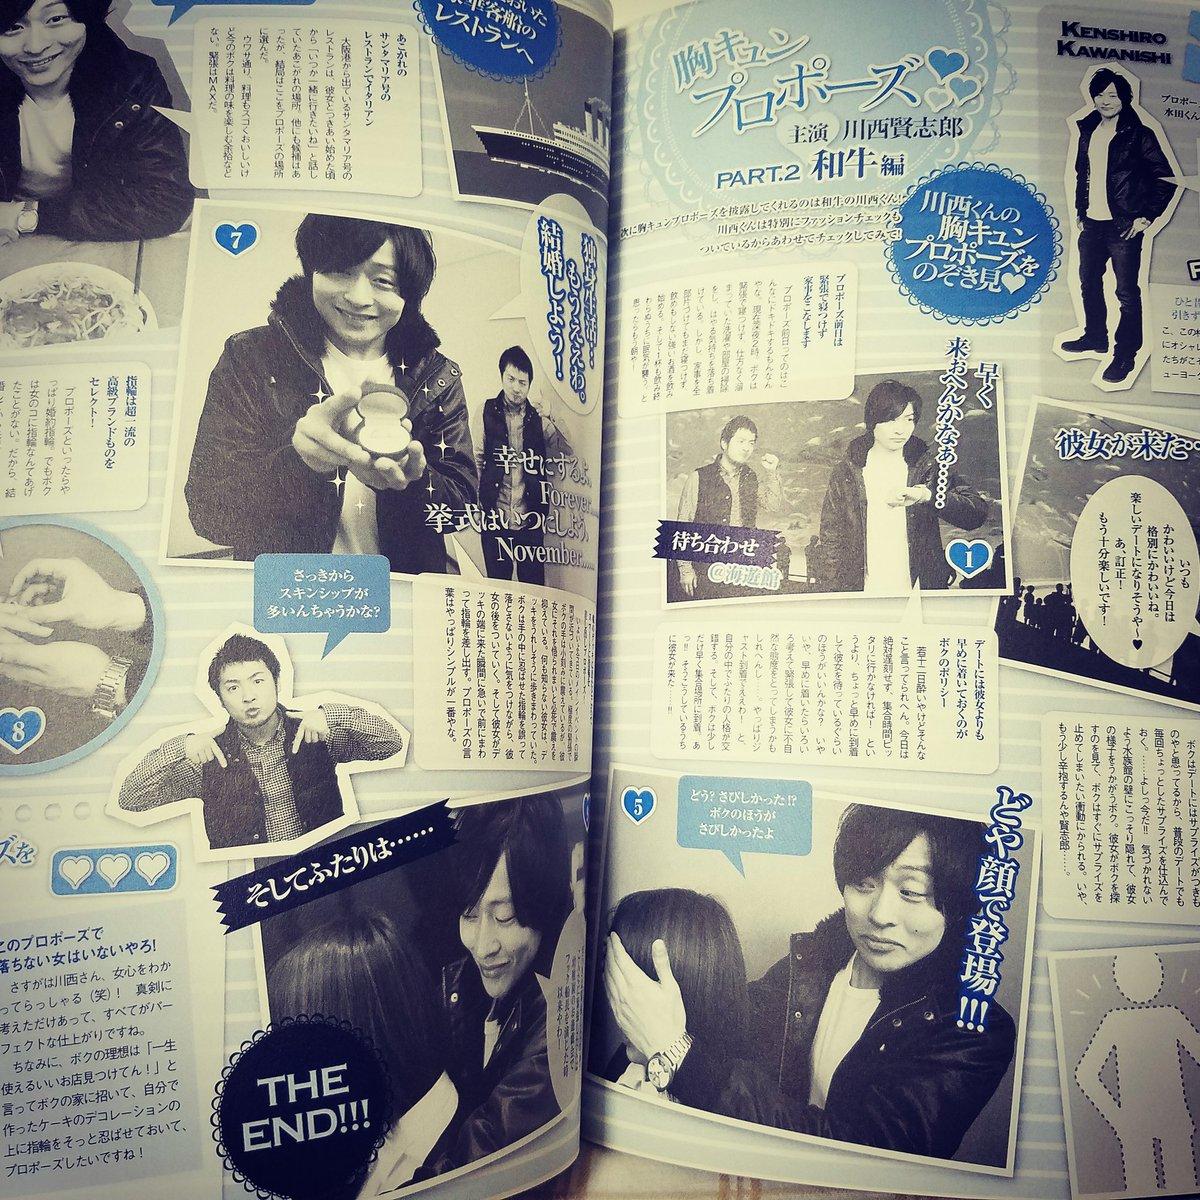 2011年お笑い男子校発掘。数年前に整理して東京だけ残したことがマジ今となって悔やまれる・・・ 和牛 お笑い男子校 お笑い 雑誌復活希望pic.twitter.com/1vVA5RFJpS